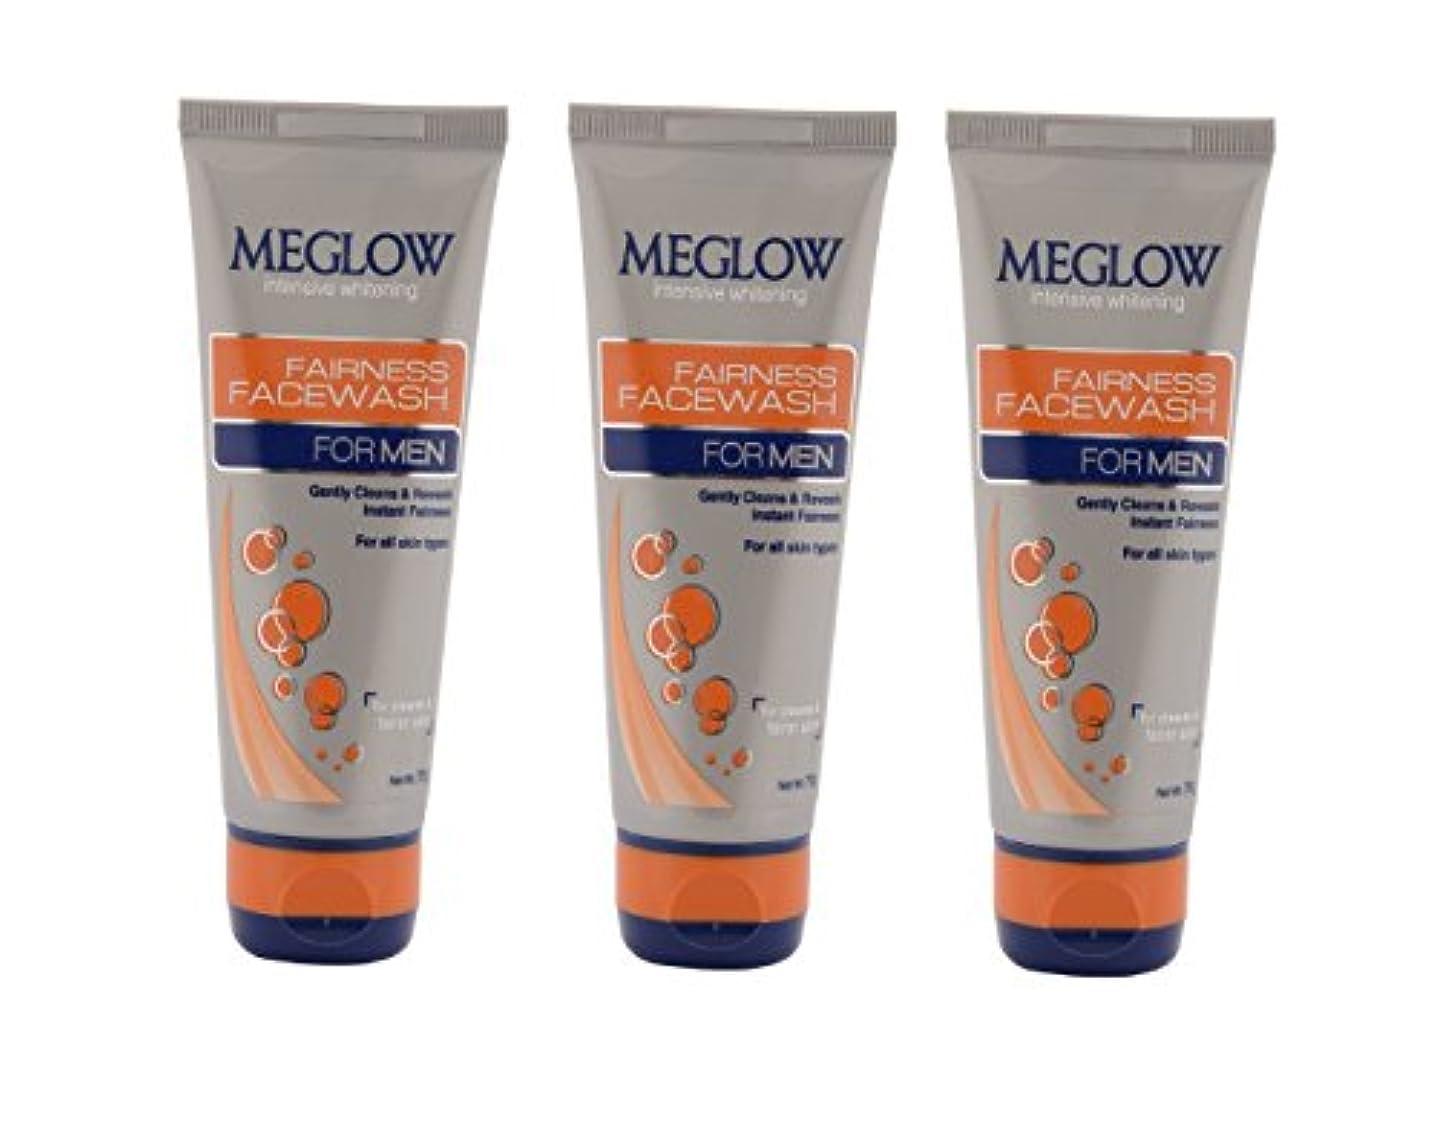 マグ賞賛する教えるMeglow Intensive Whitening Fairness Face Wash For Men 70 G (Pack of 3)